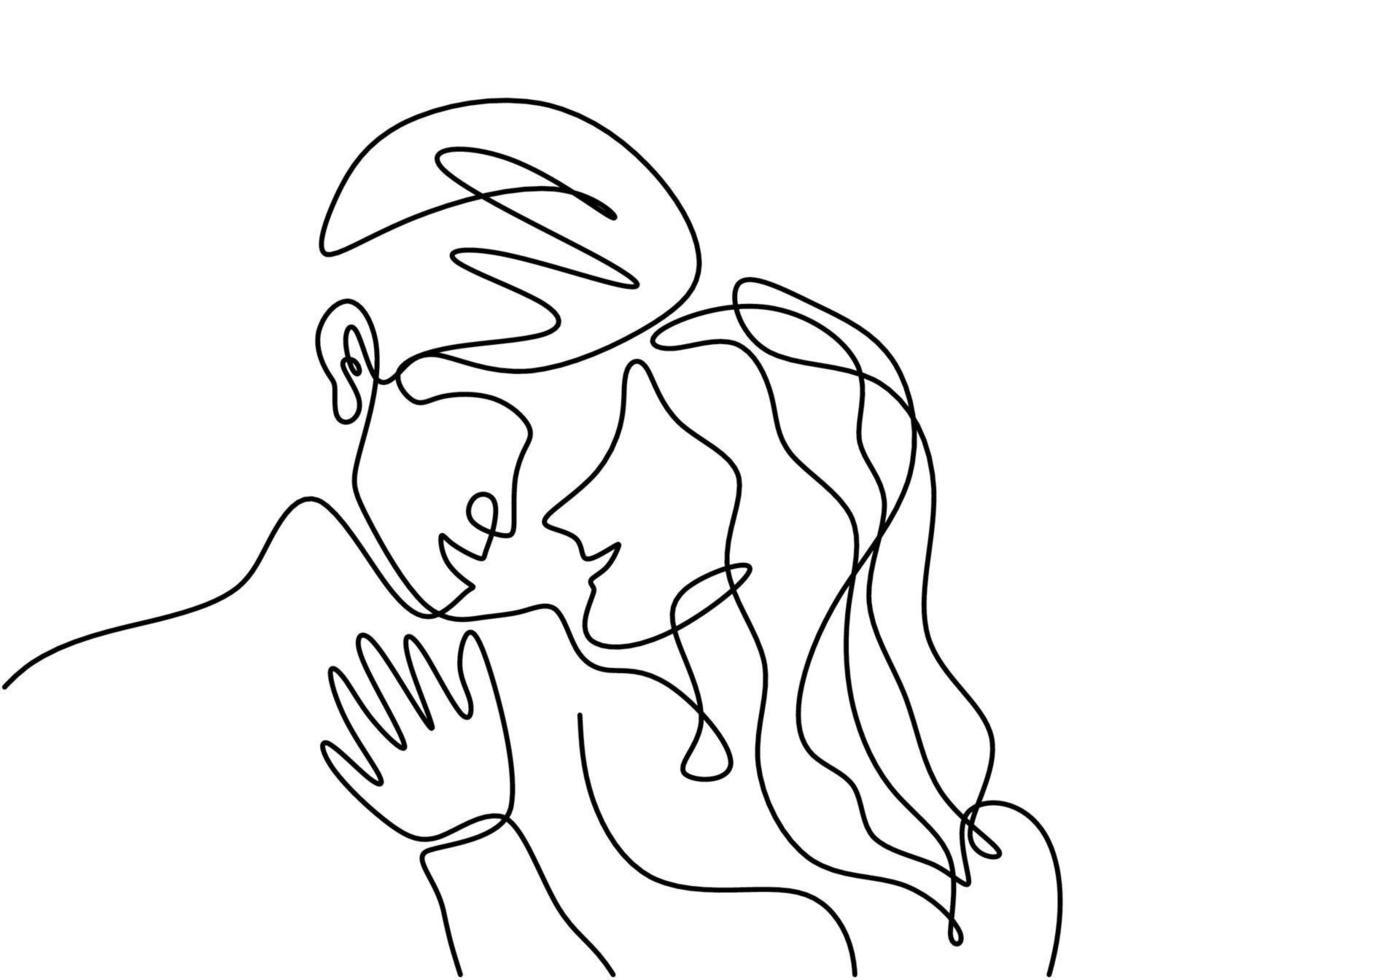 casal apaixonado é conectado por um desenho de linha. símbolo de amor, família e unidade. homem e mulher apaixonada, isolado no fundo branco. estilo de minimalismo de conceito de dia dos namorados. ilustração vetorial vetor